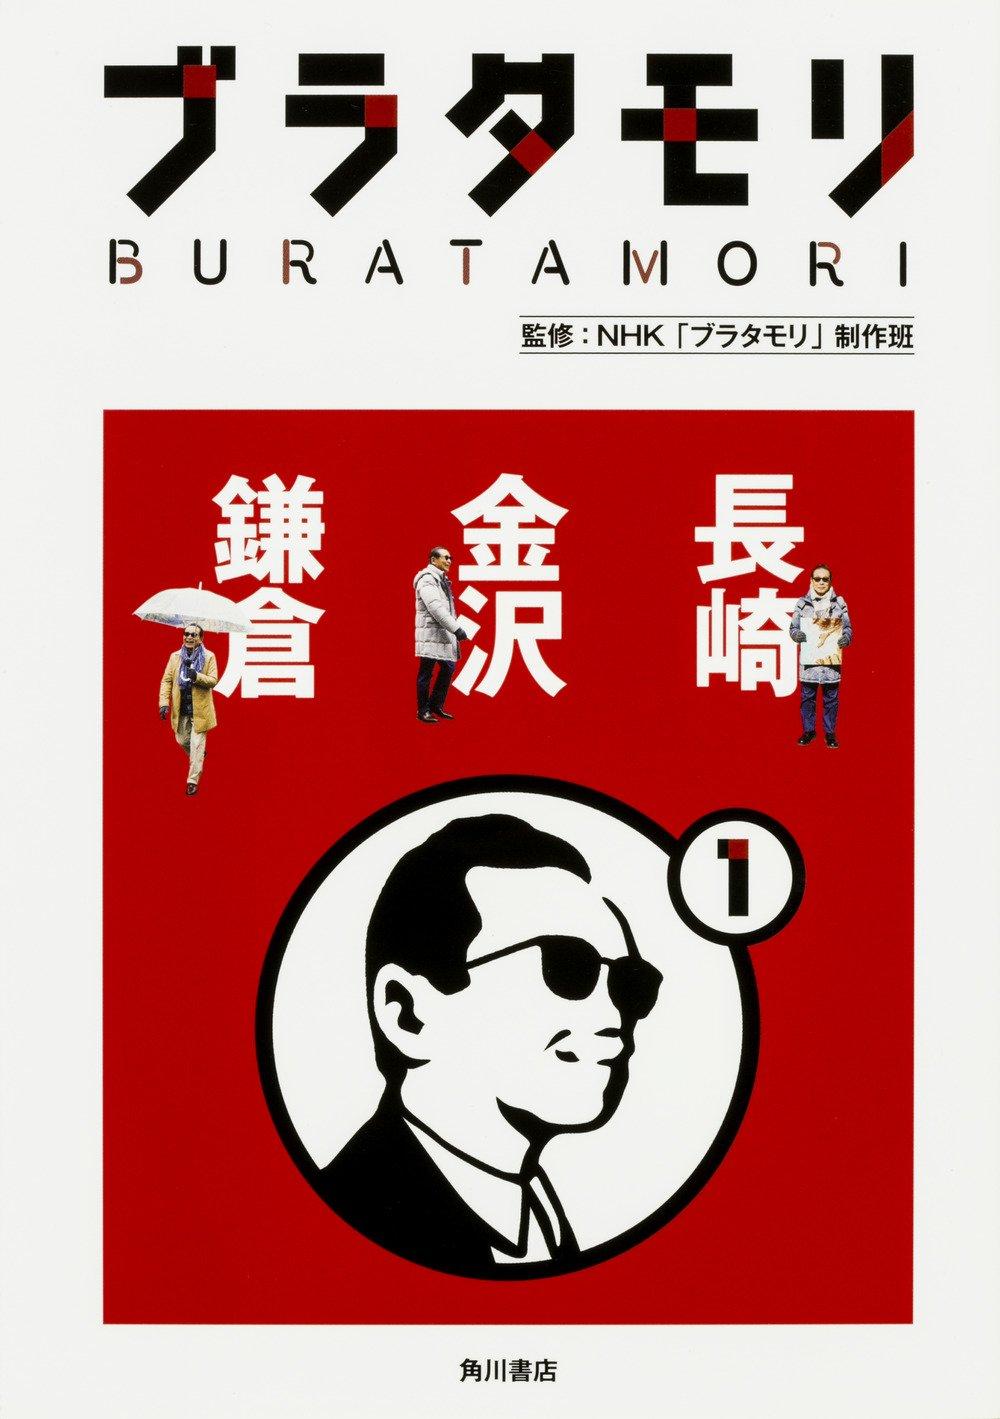 【書籍】ブラタモリ セット 1巻